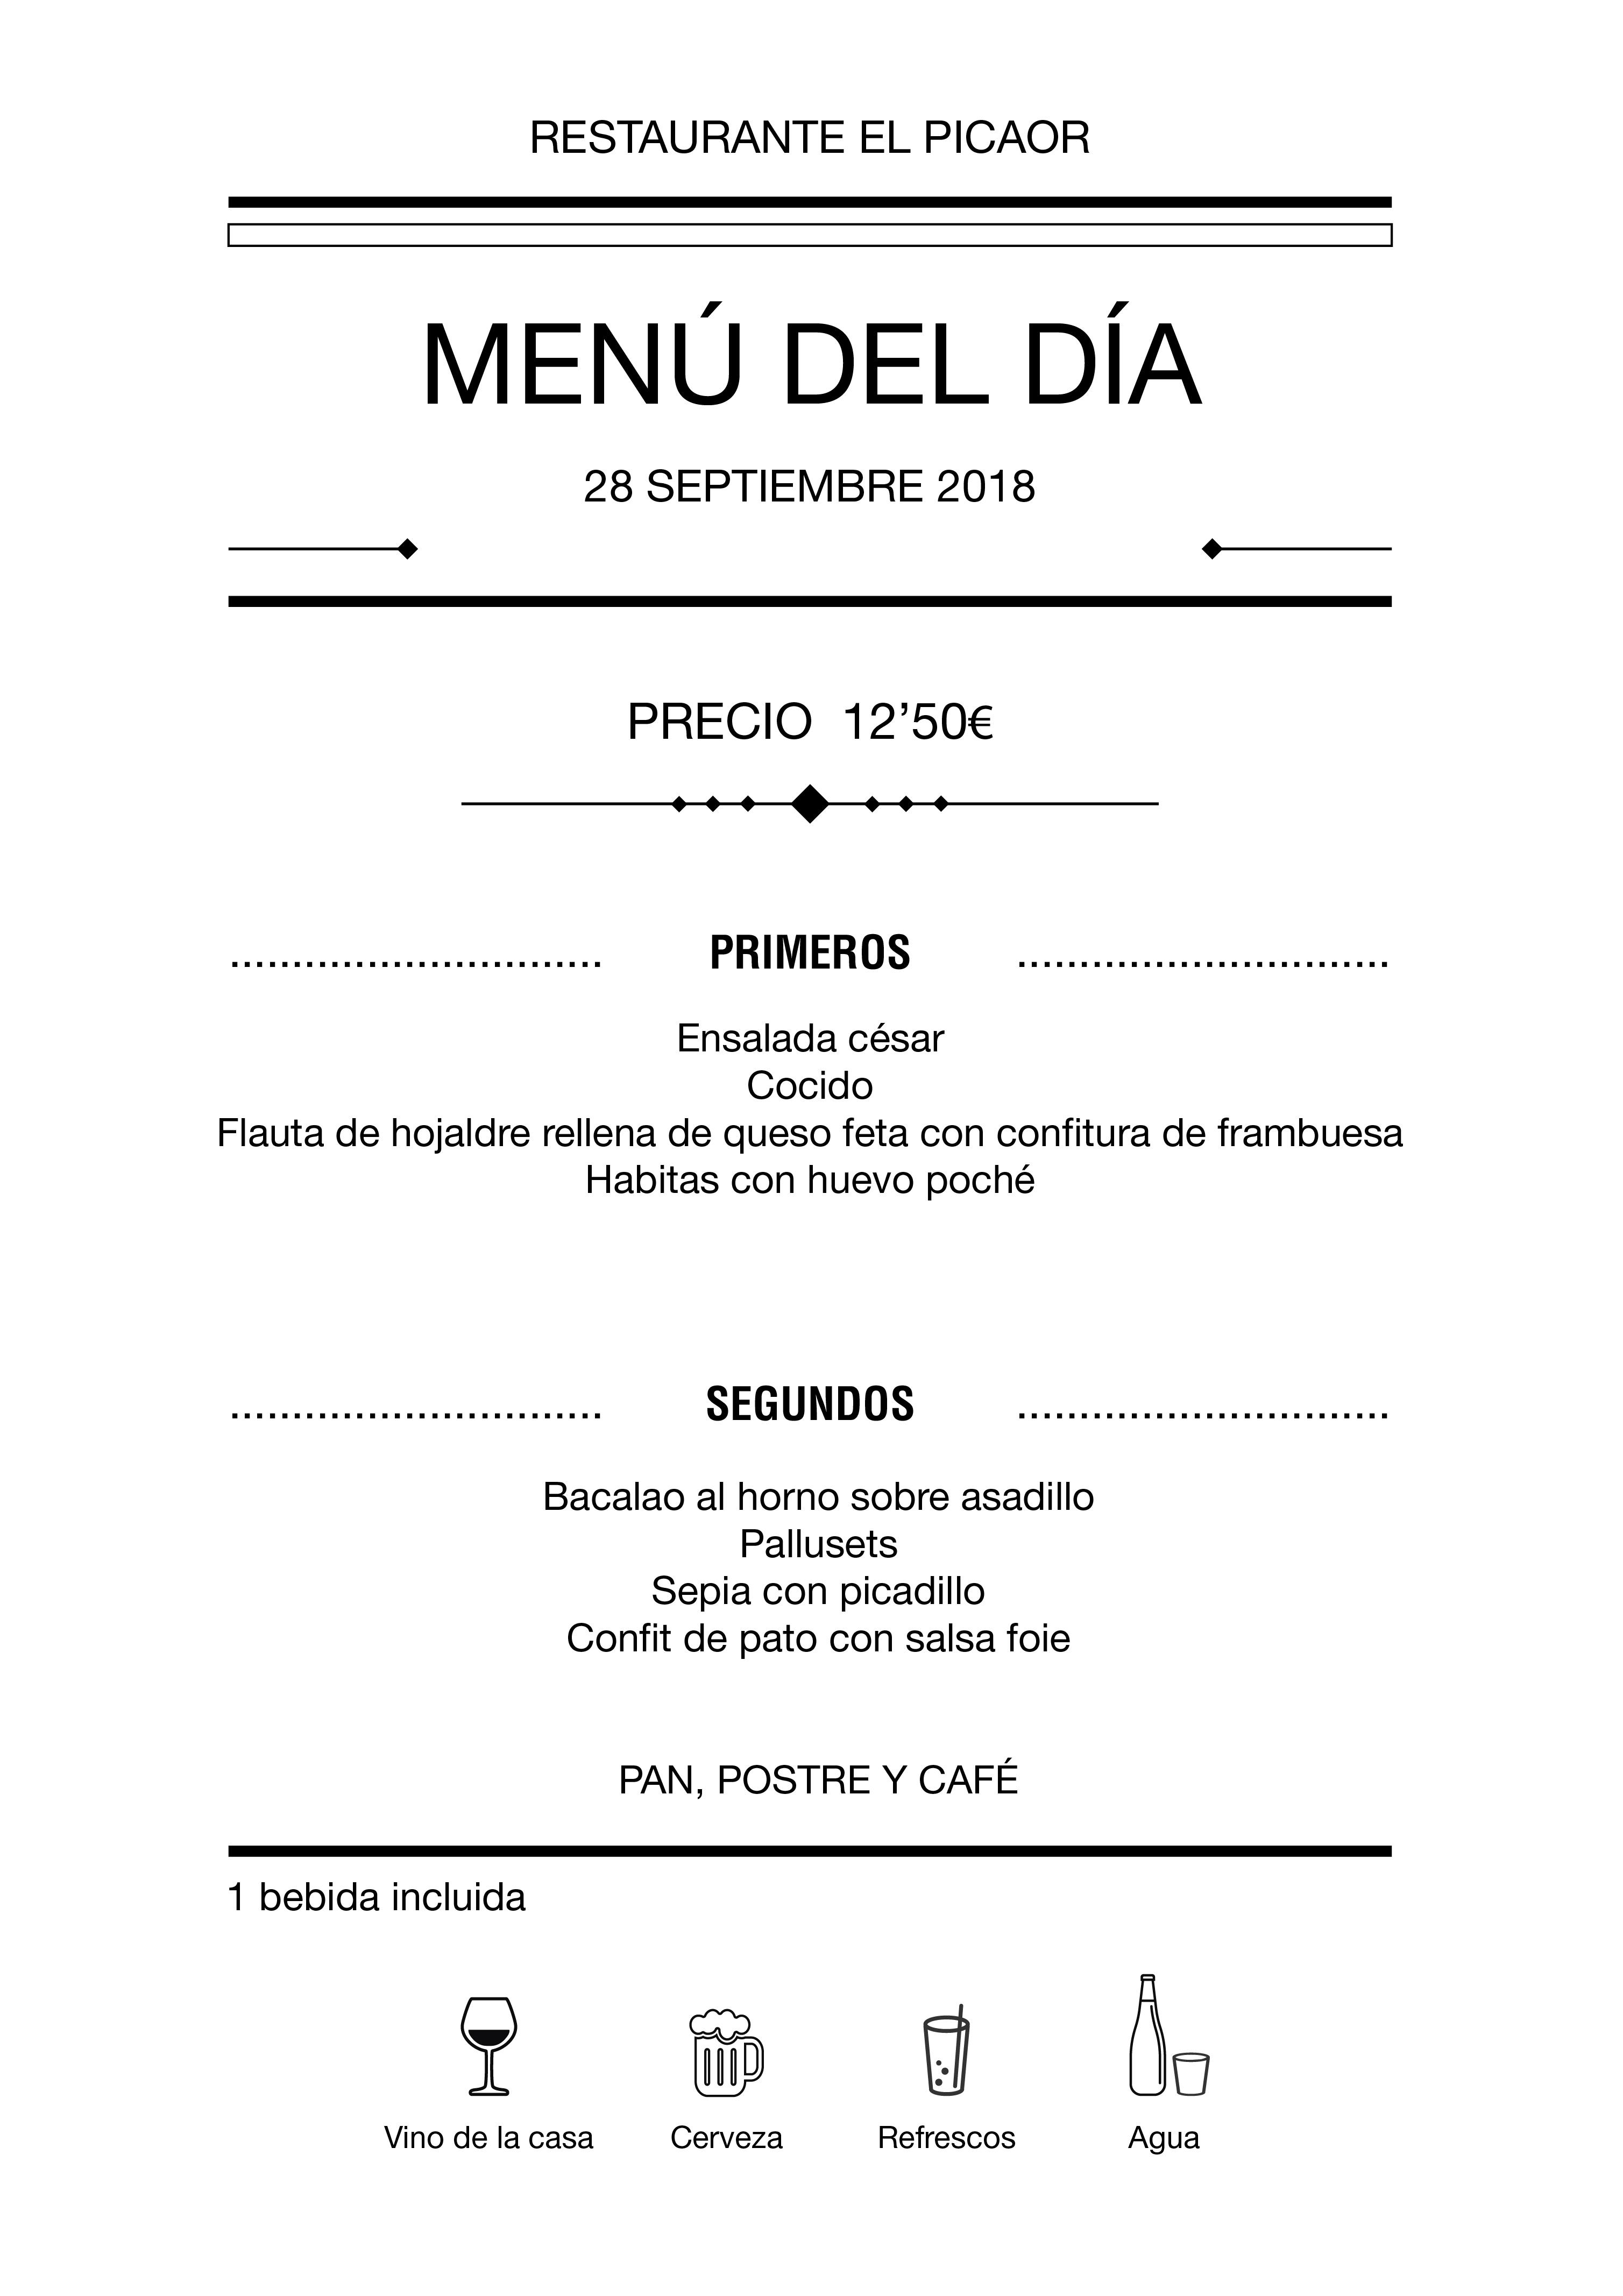 Menú diario El Picaor 28/09/18